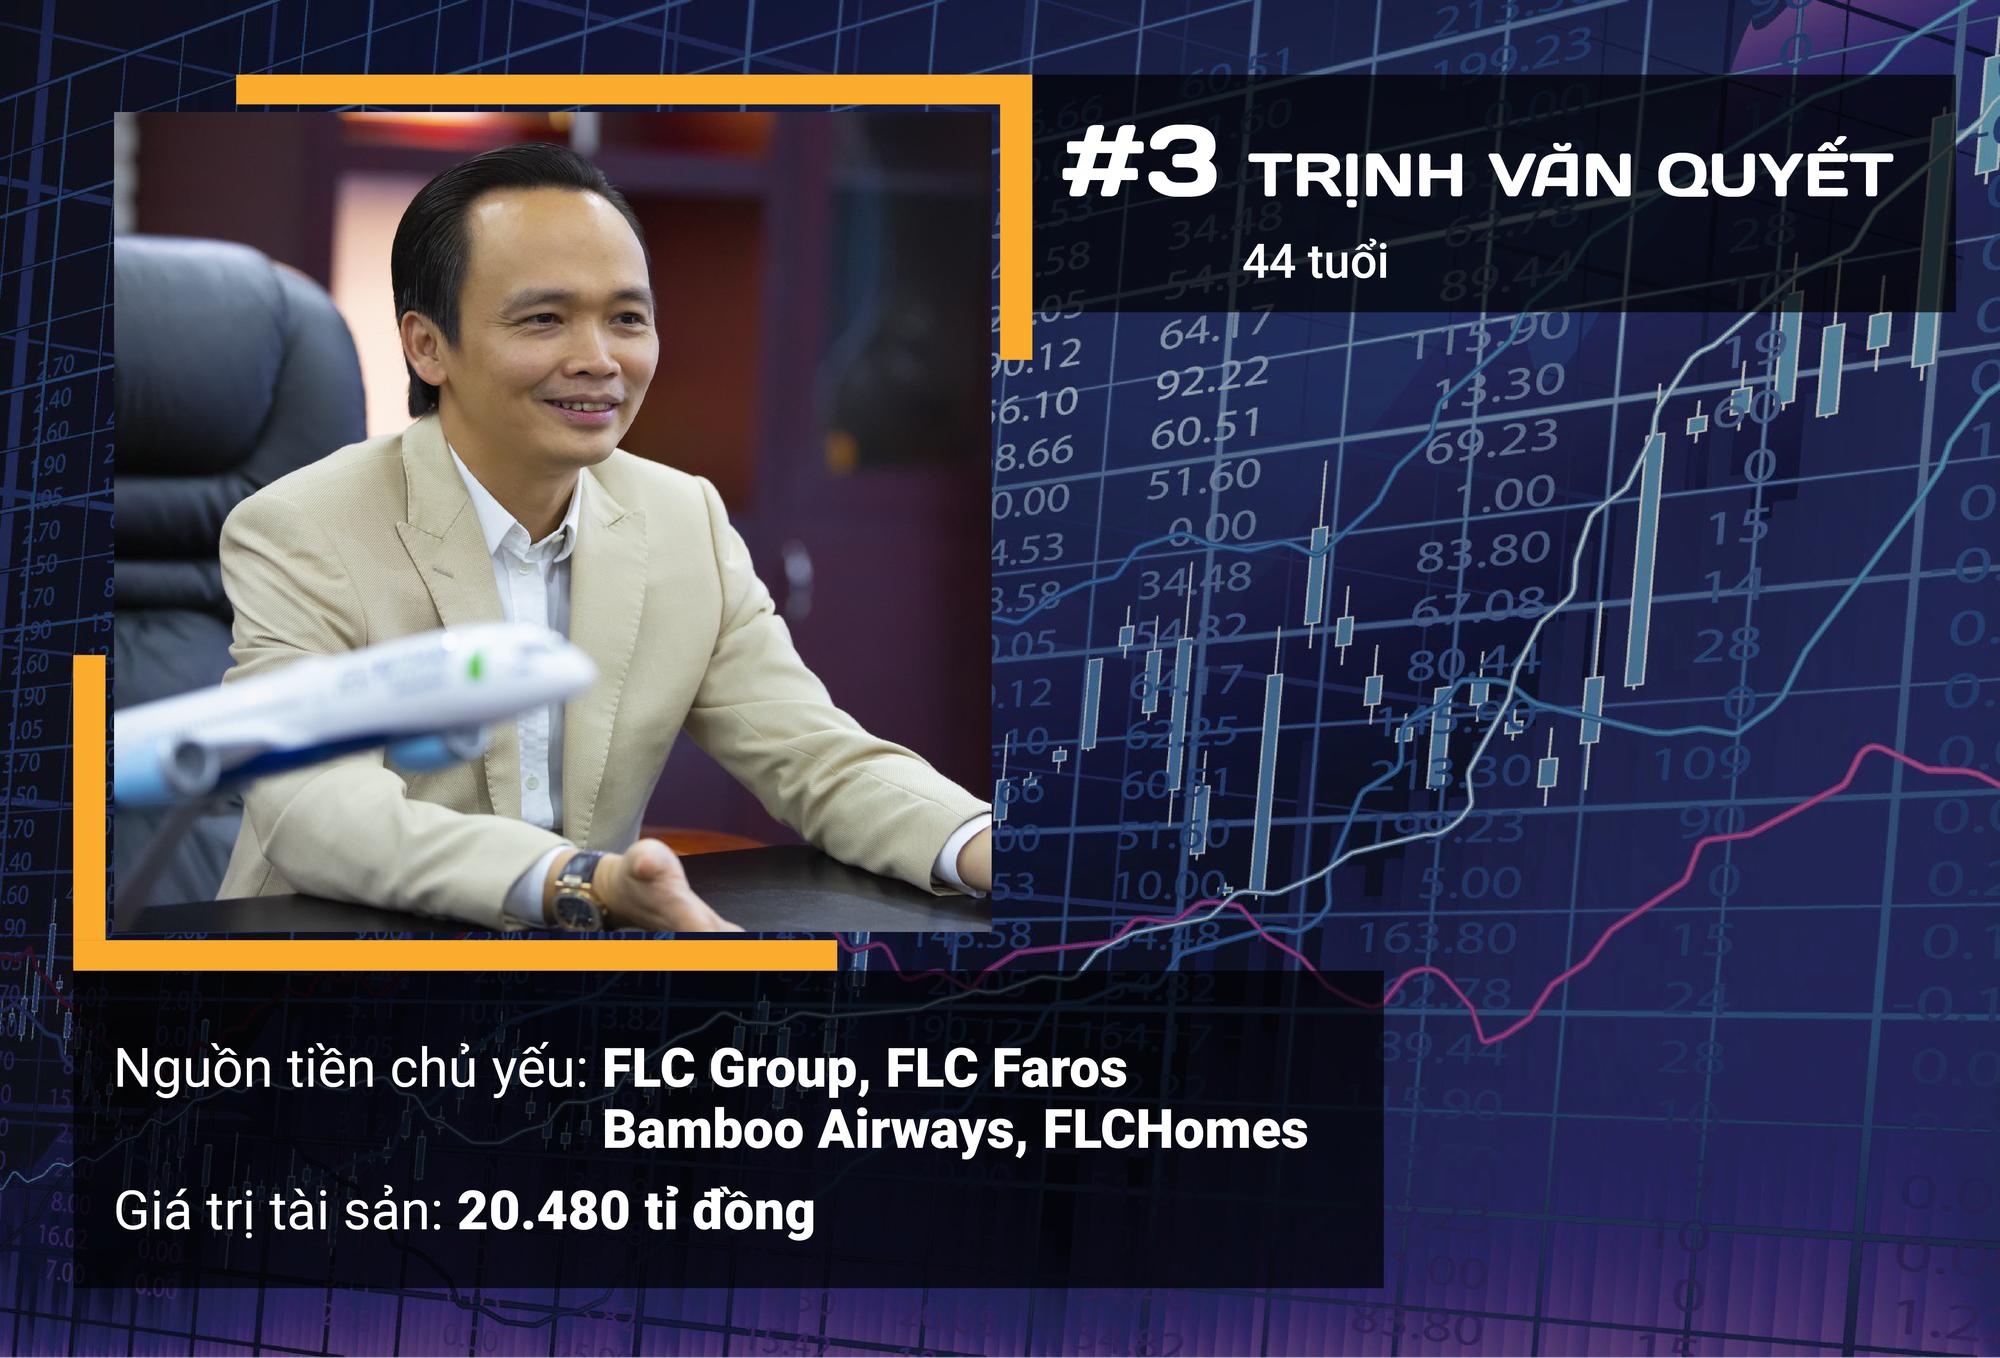 Ngoài ông Phạm Nhật Vượng, ai là 10 người giàu nhất sàn chứng khoán Việt năm 2019? - Ảnh 6.